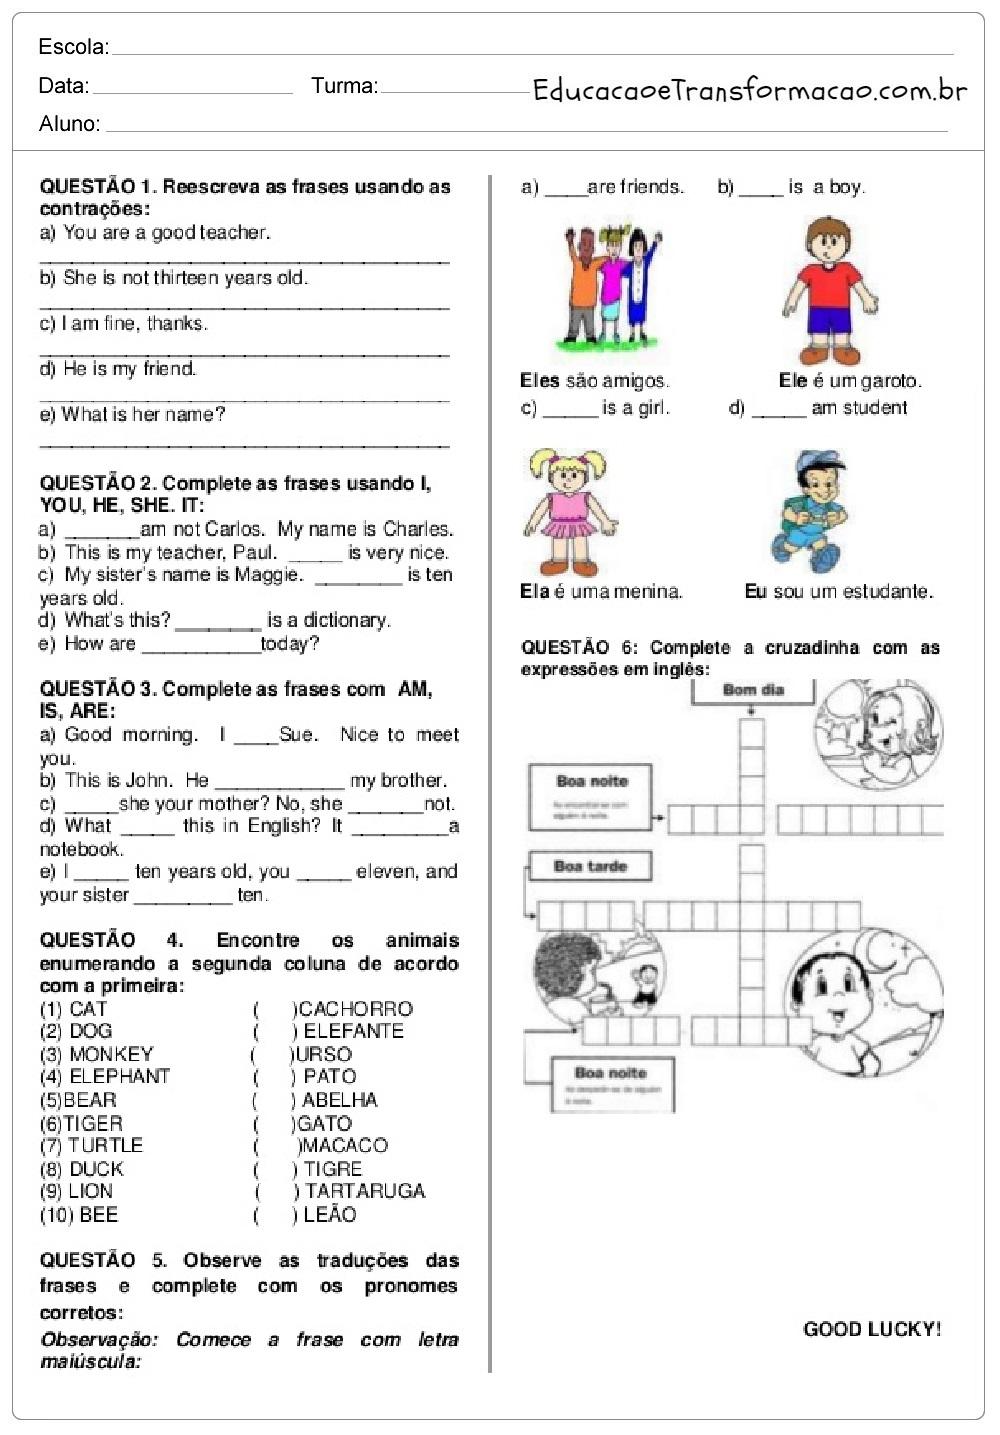 Fabuloso Atividades de Inglês 5 ano do Ensino Fundamental - Para Imprimir. PQ26